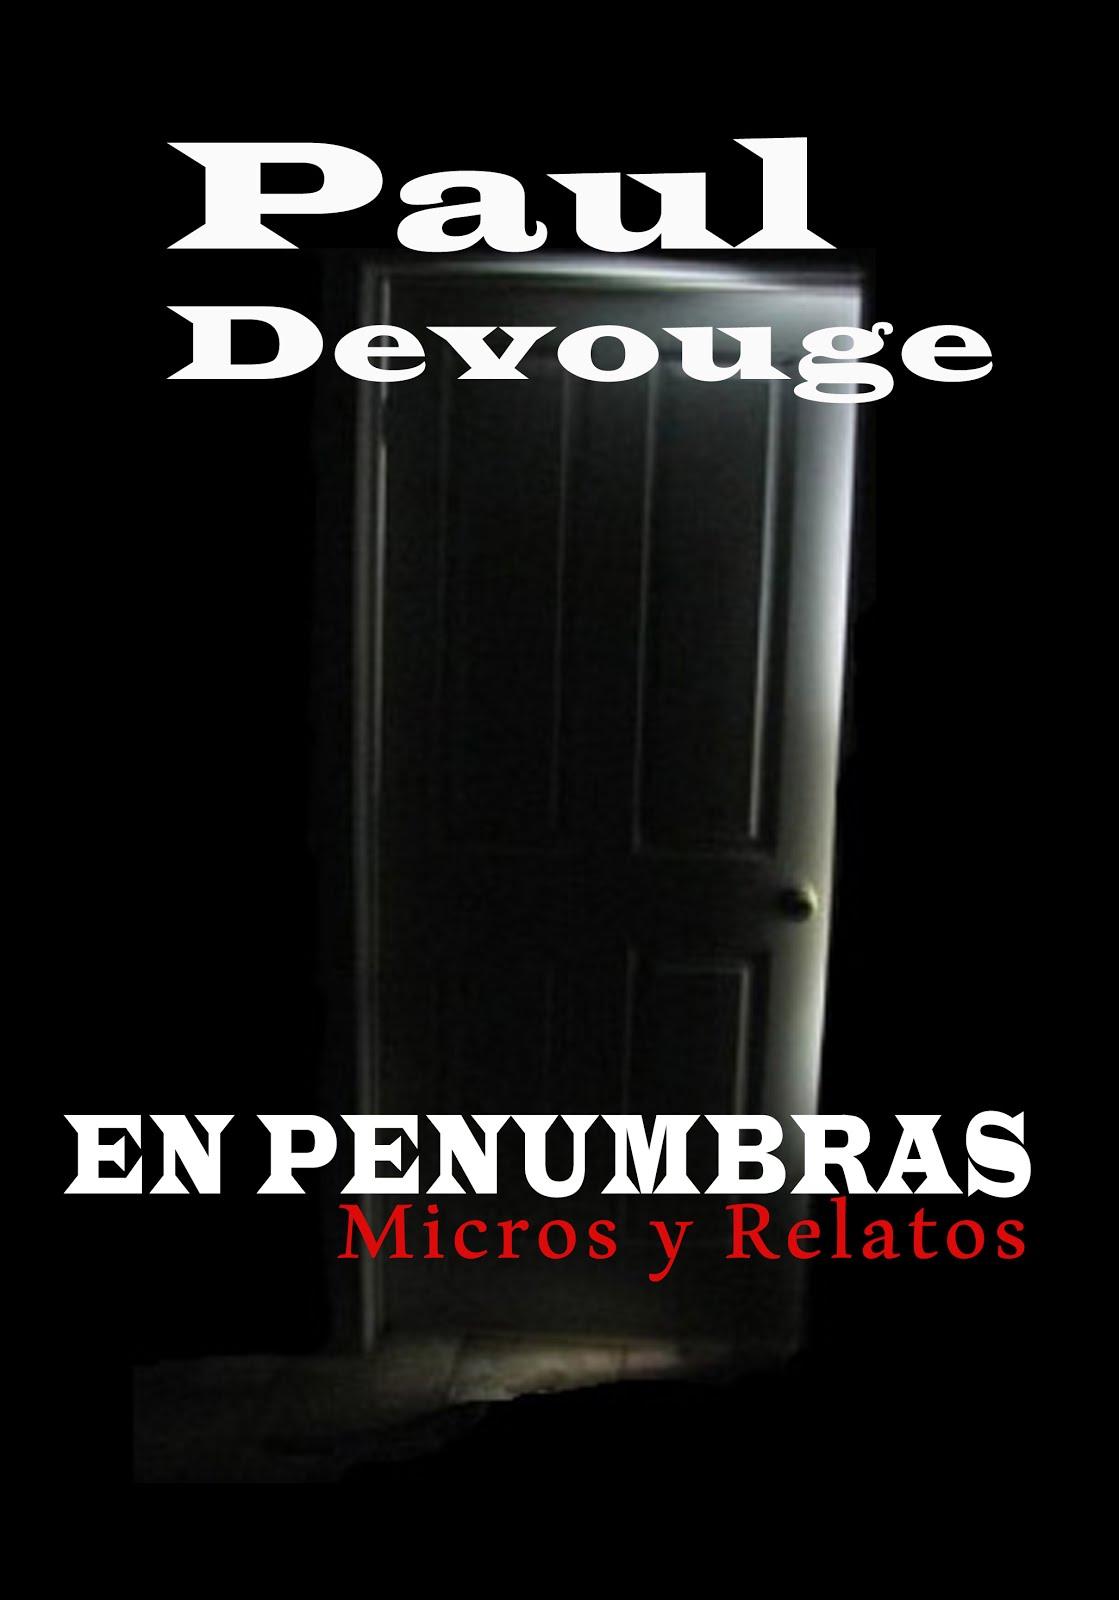 EN PENUMBRAS - Micros y Relatos